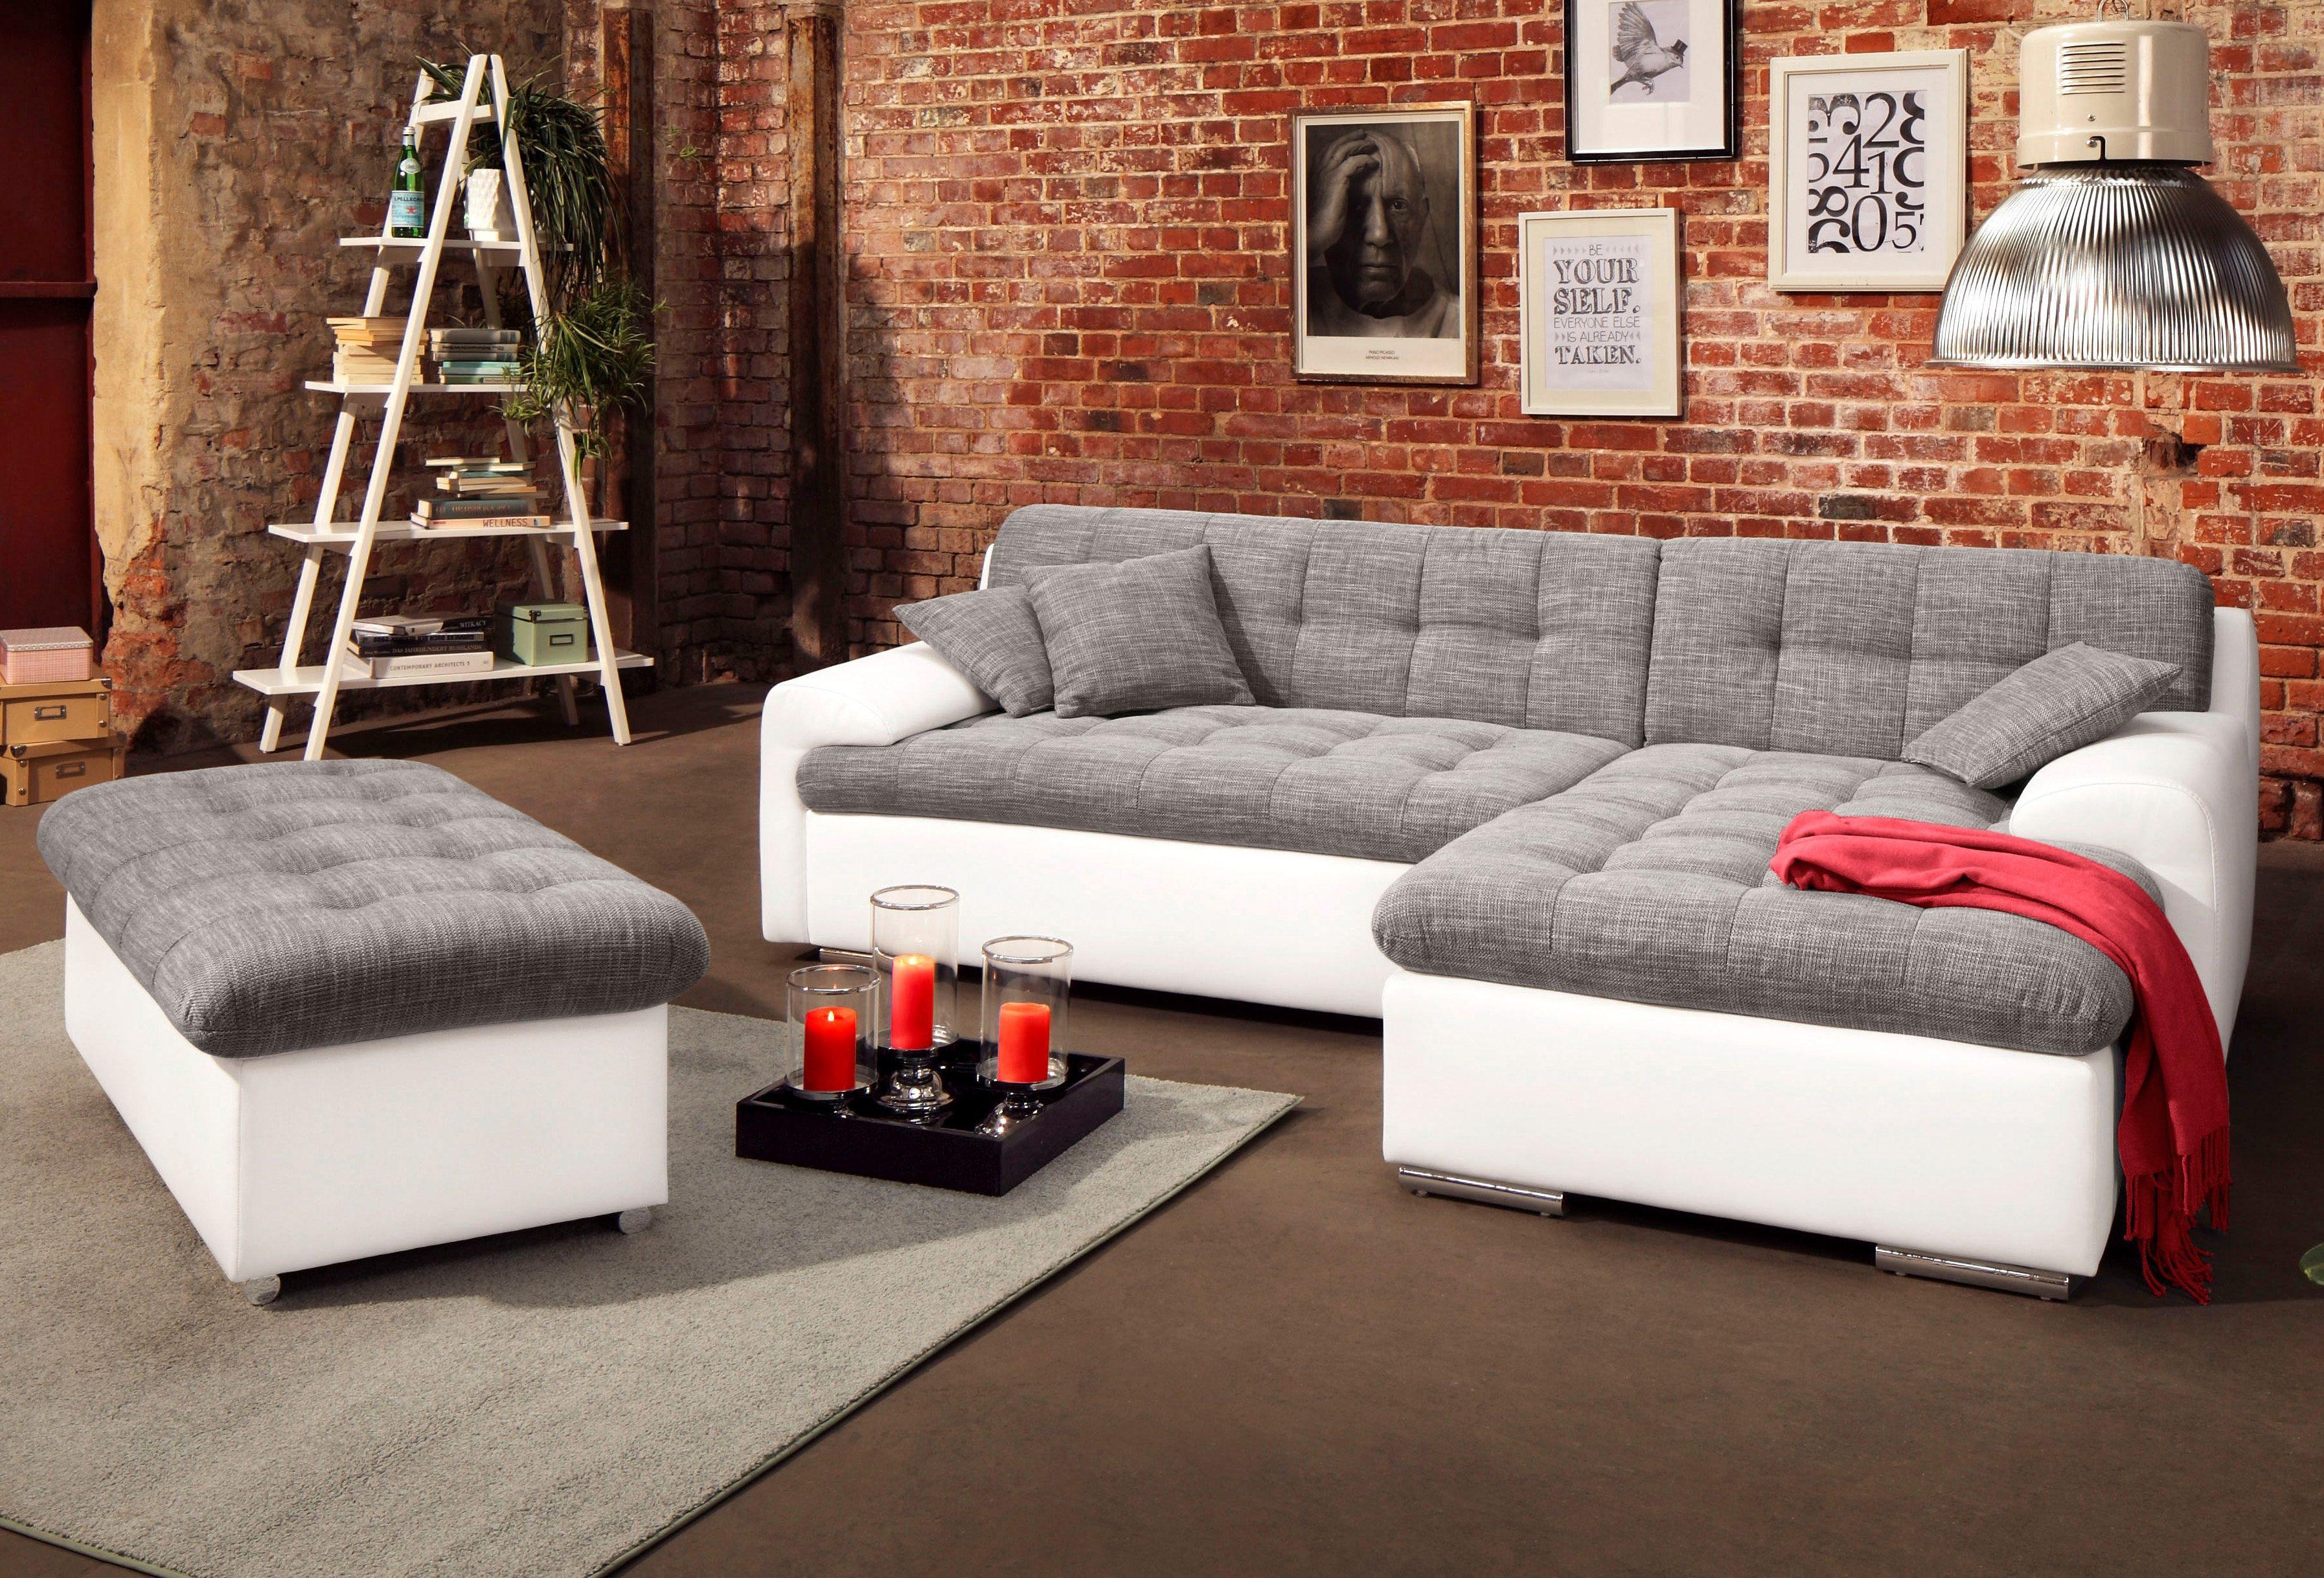 wie gestalte ich mein wohnzimmer die schnsten wohnideen. Black Bedroom Furniture Sets. Home Design Ideas